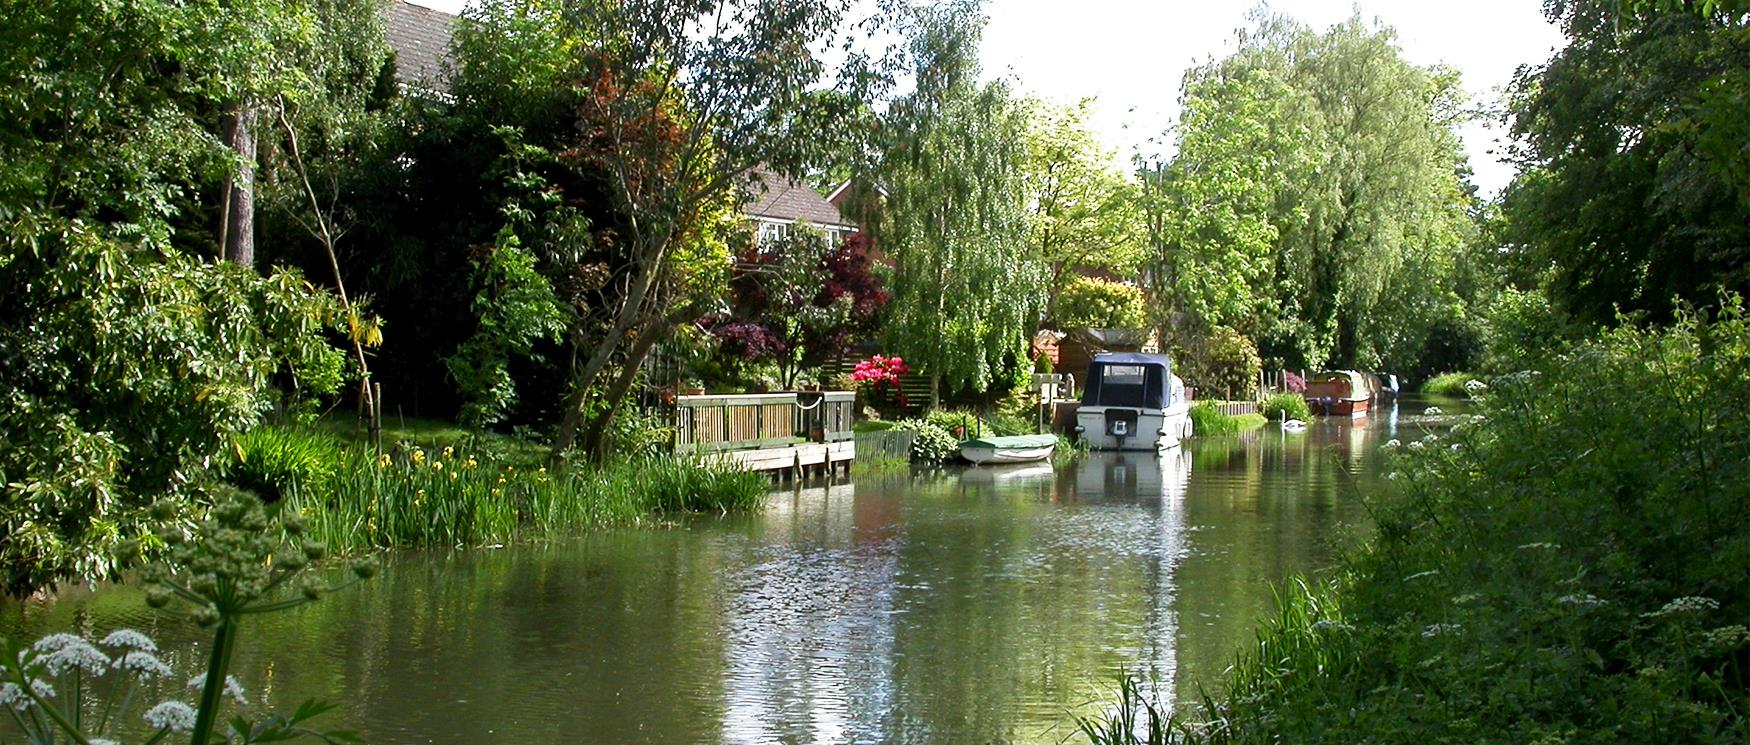 Canal running through the town of Fleet